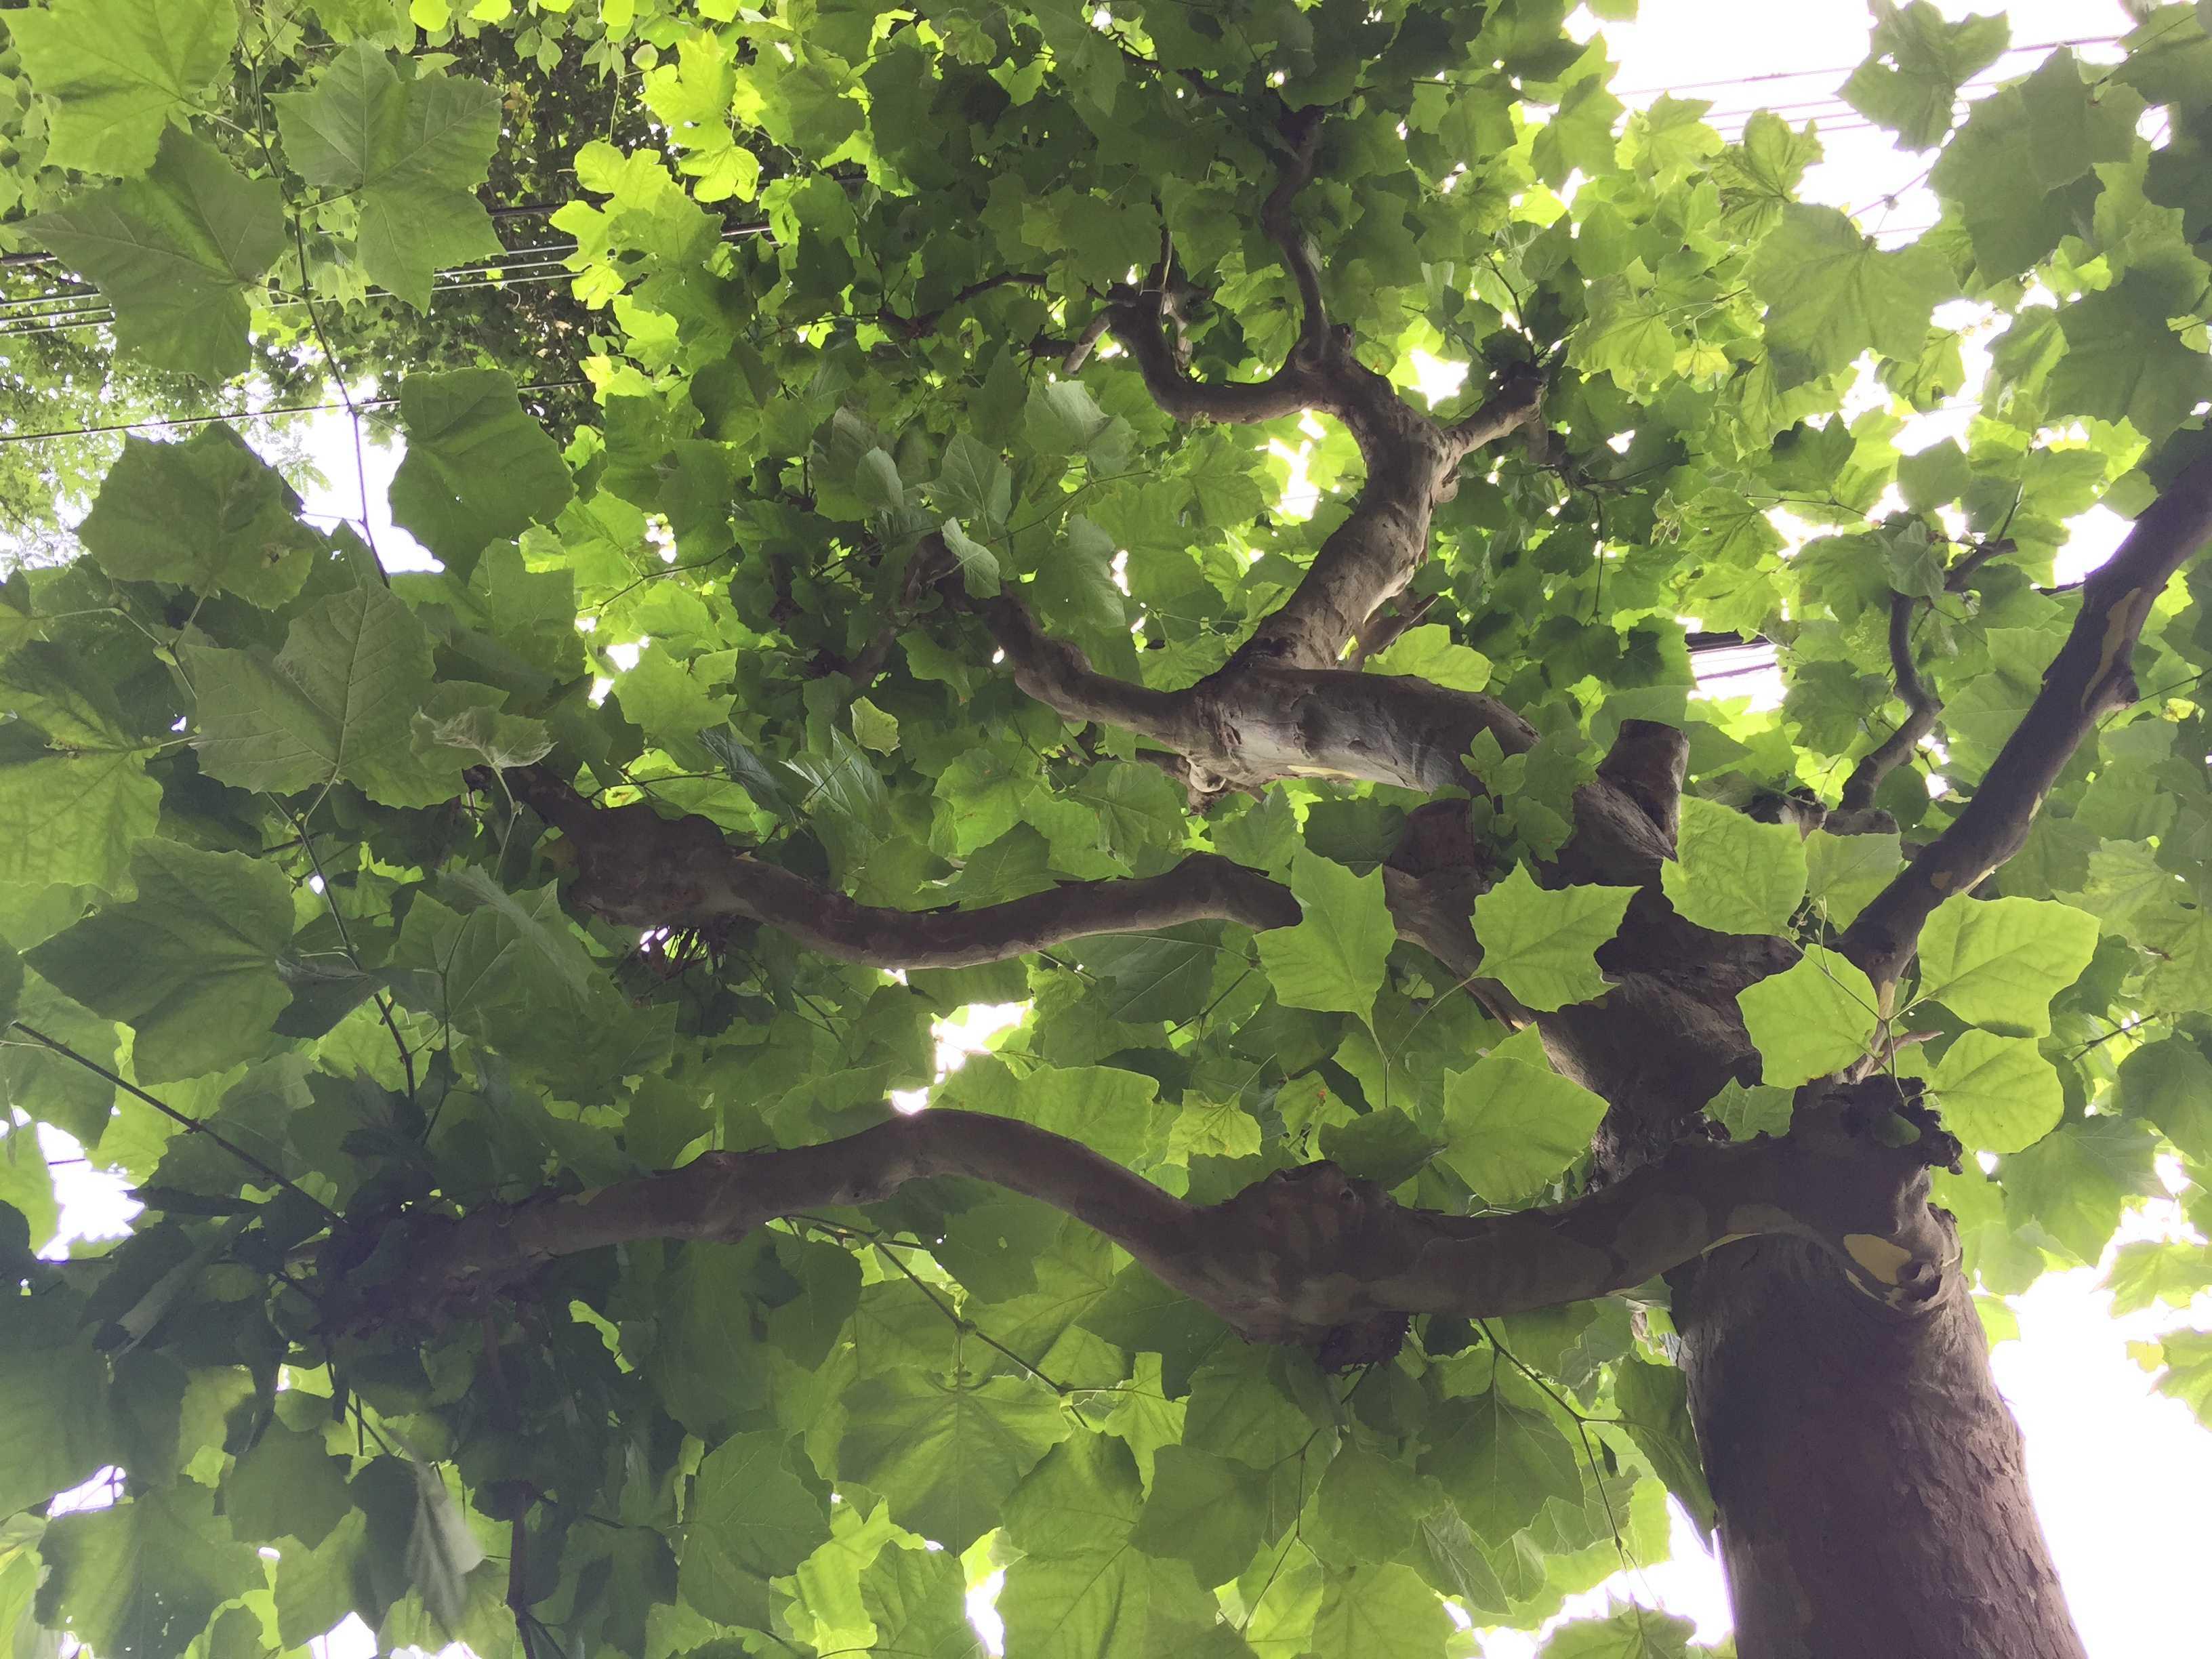 淡い緑が素敵なプラタナスの木